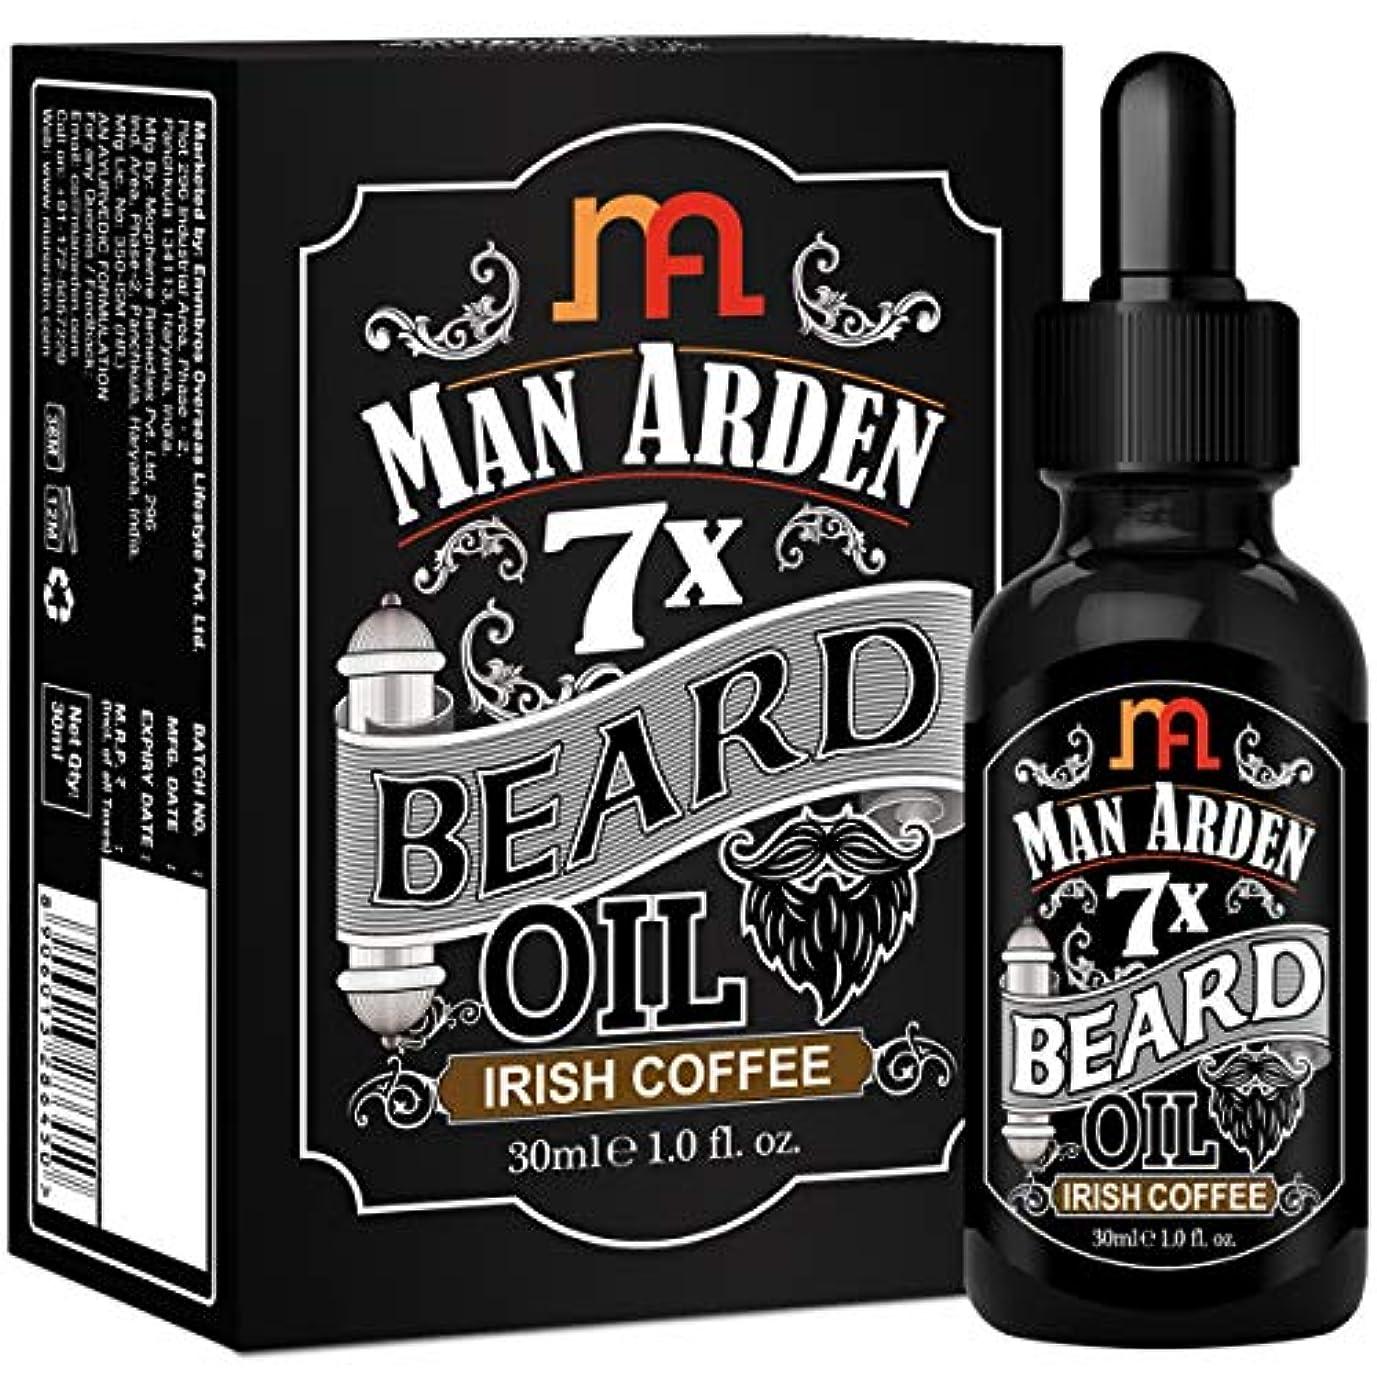 提案するホイストメロディーMan Arden 7X Beard Oil 30ml (Irish Coffee) - 7 Premium Oils For Beard Growth & Nourishment